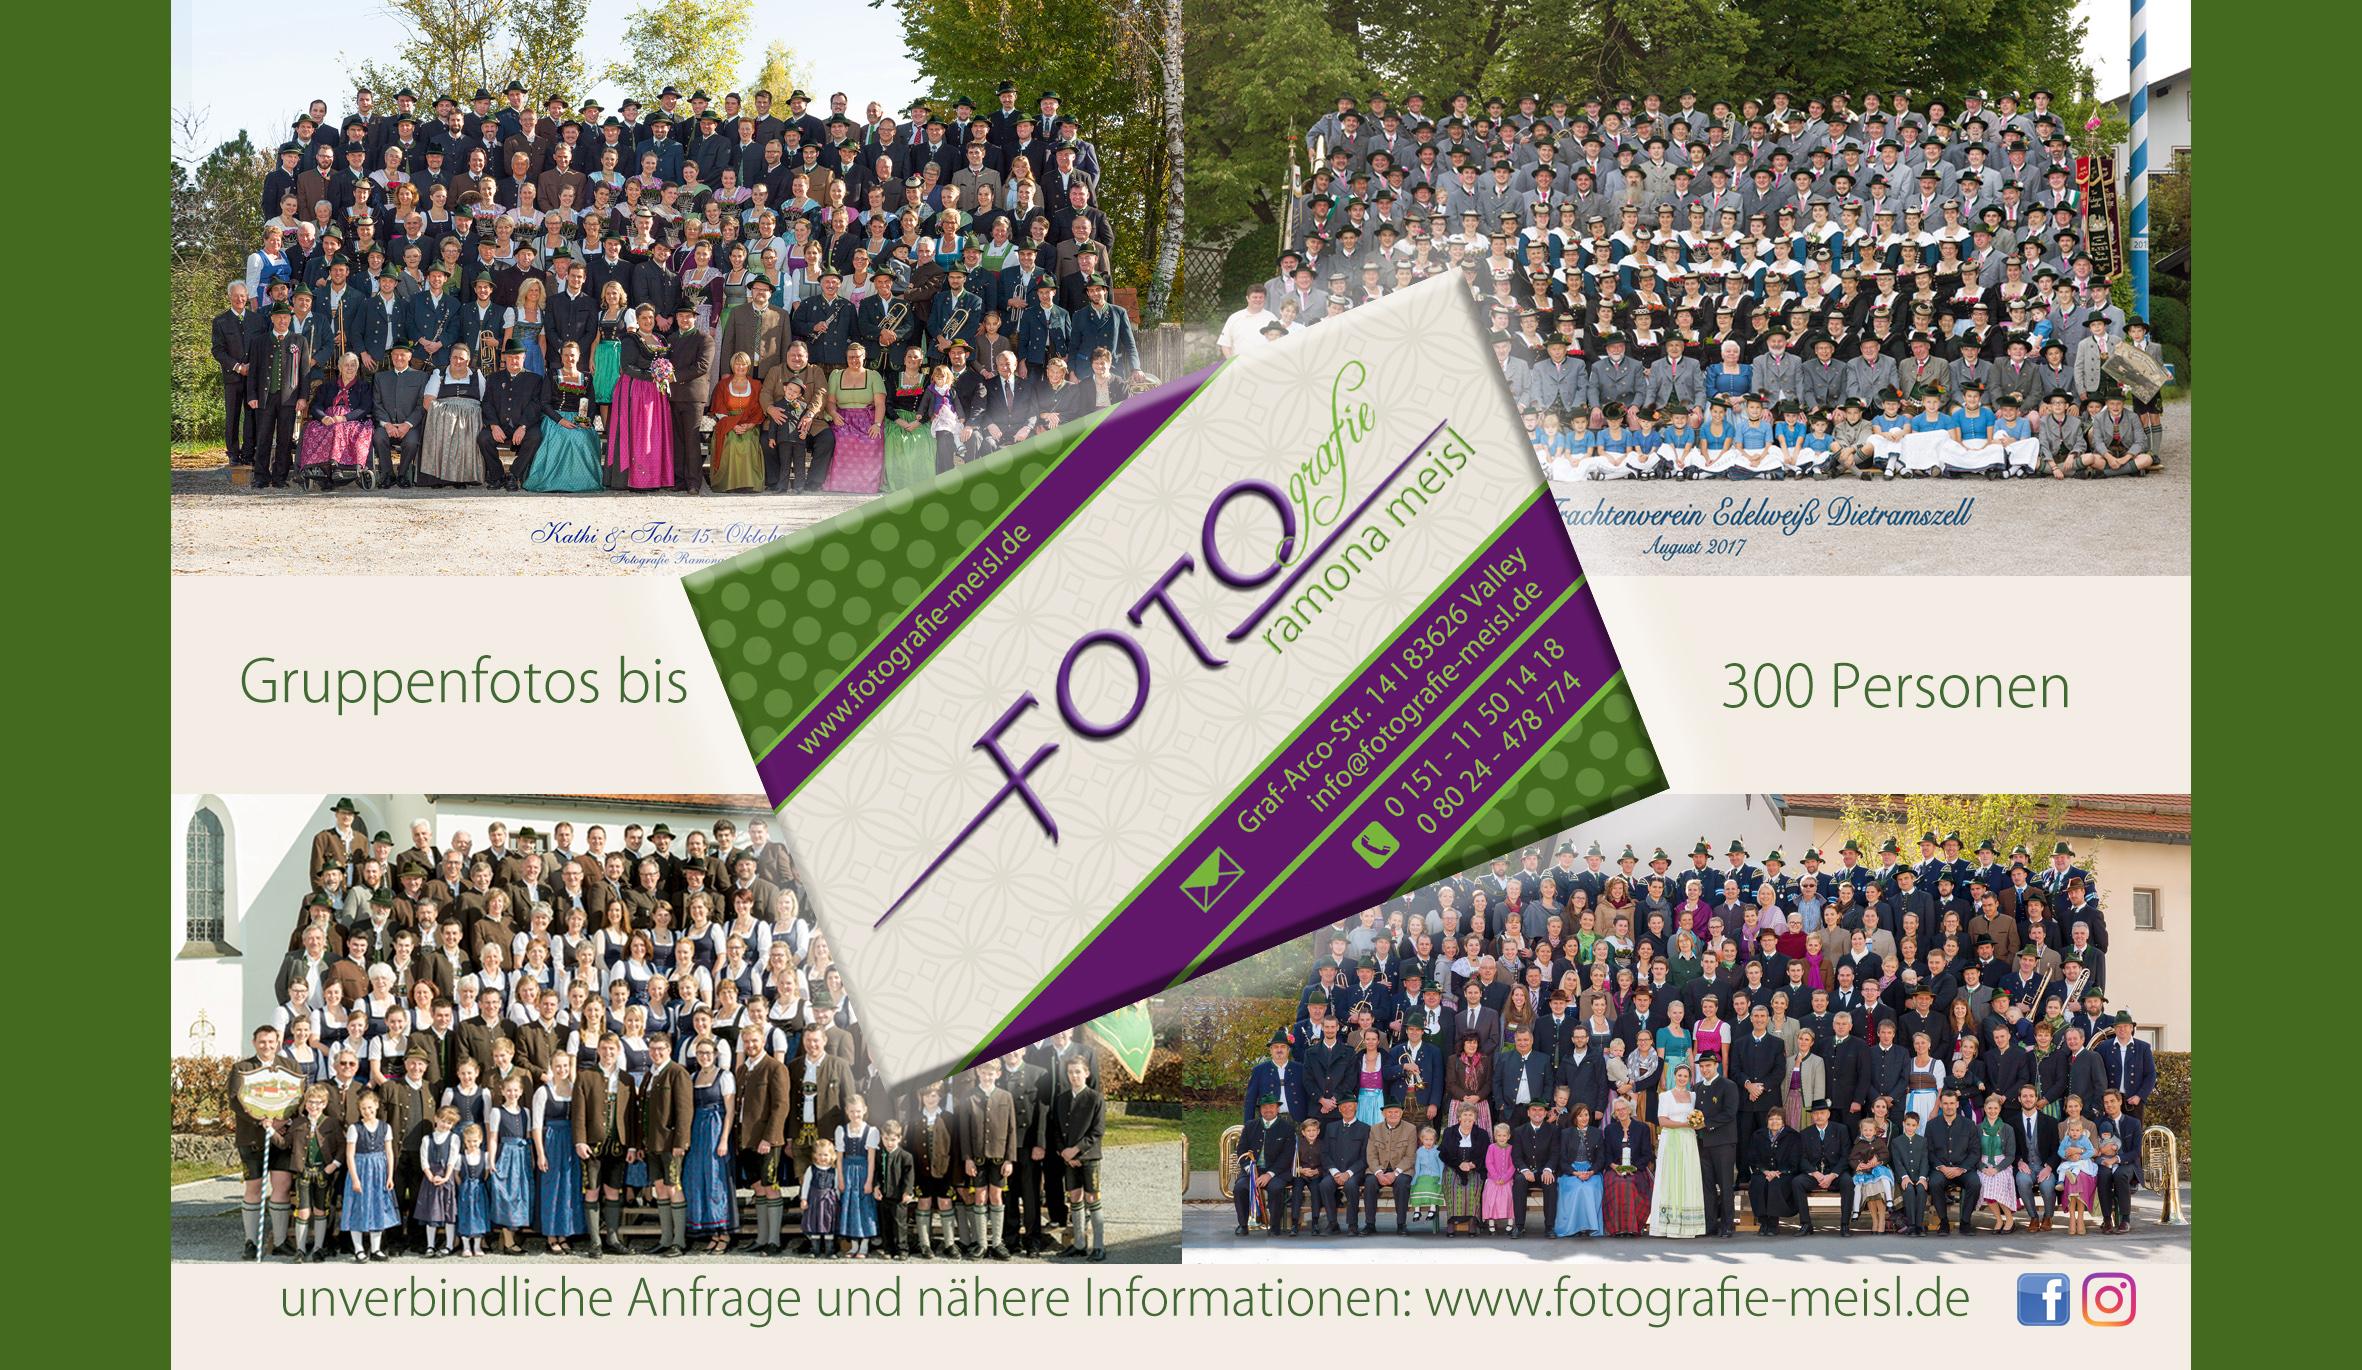 Gruppenfotografie bis 300 Personen